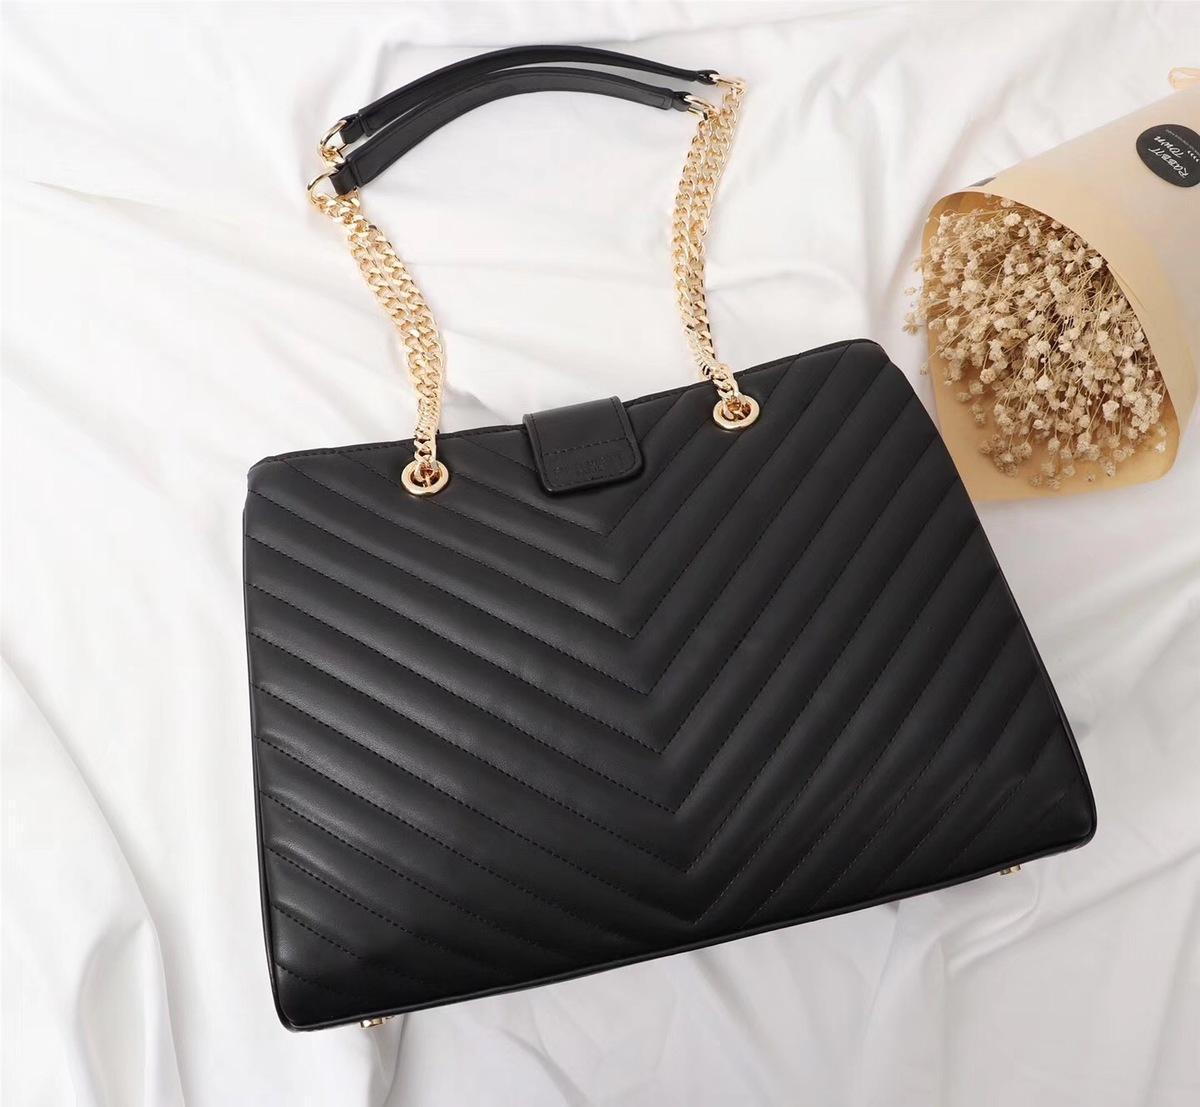 adcc000527ce7 Großhandel Klassische Design 2018 Schulter Frauen Hadbags Hoe Verkauf  Echtes Leder Casual Tote Bequem Hohe Qualität Taschen Von Wg99